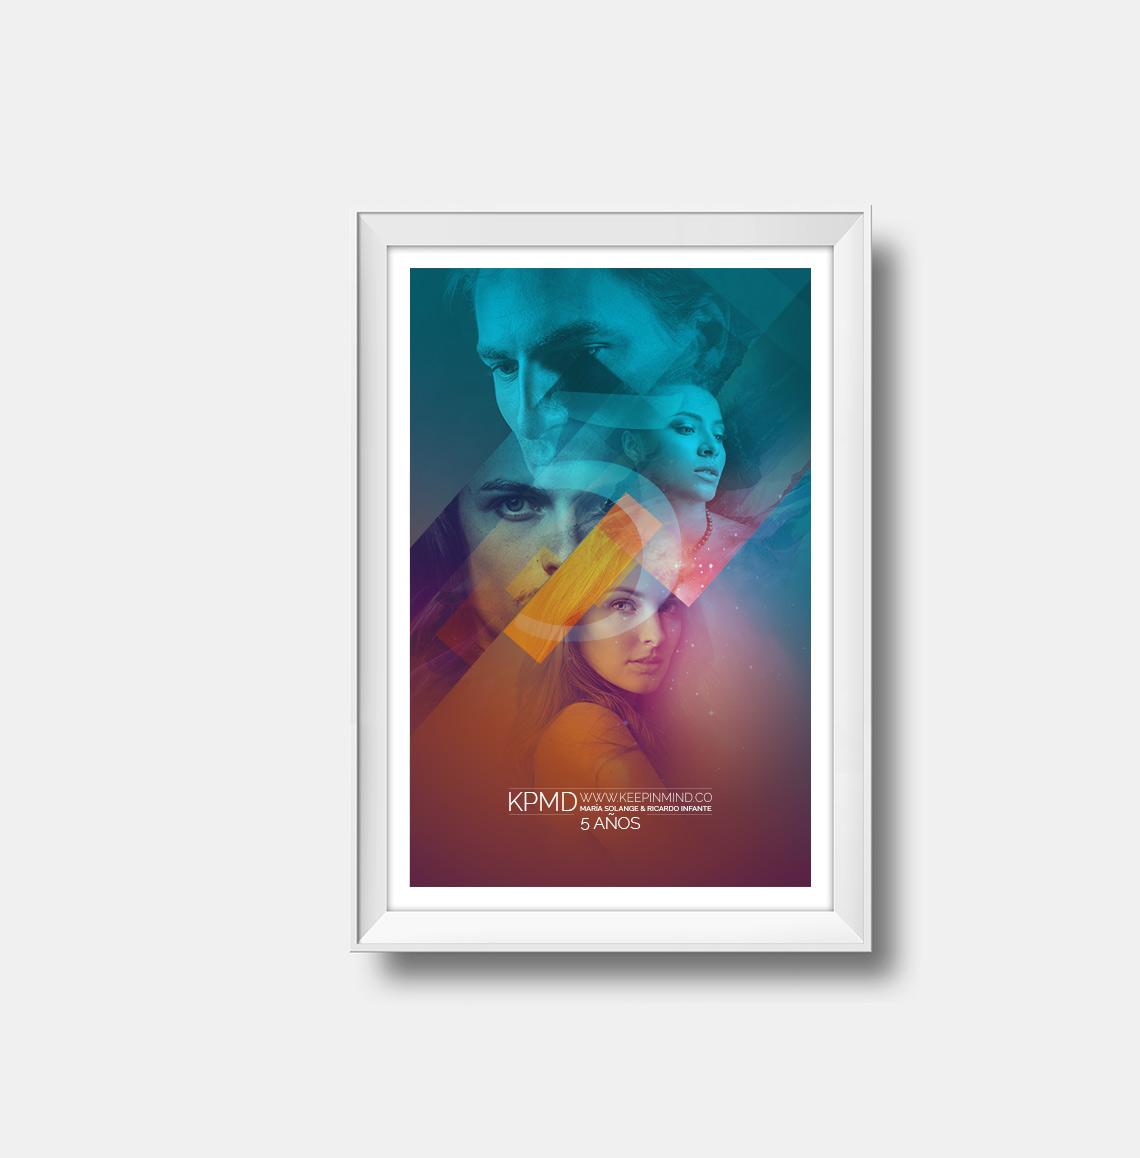 Poster 5 años de Keepinind Fotografía 2